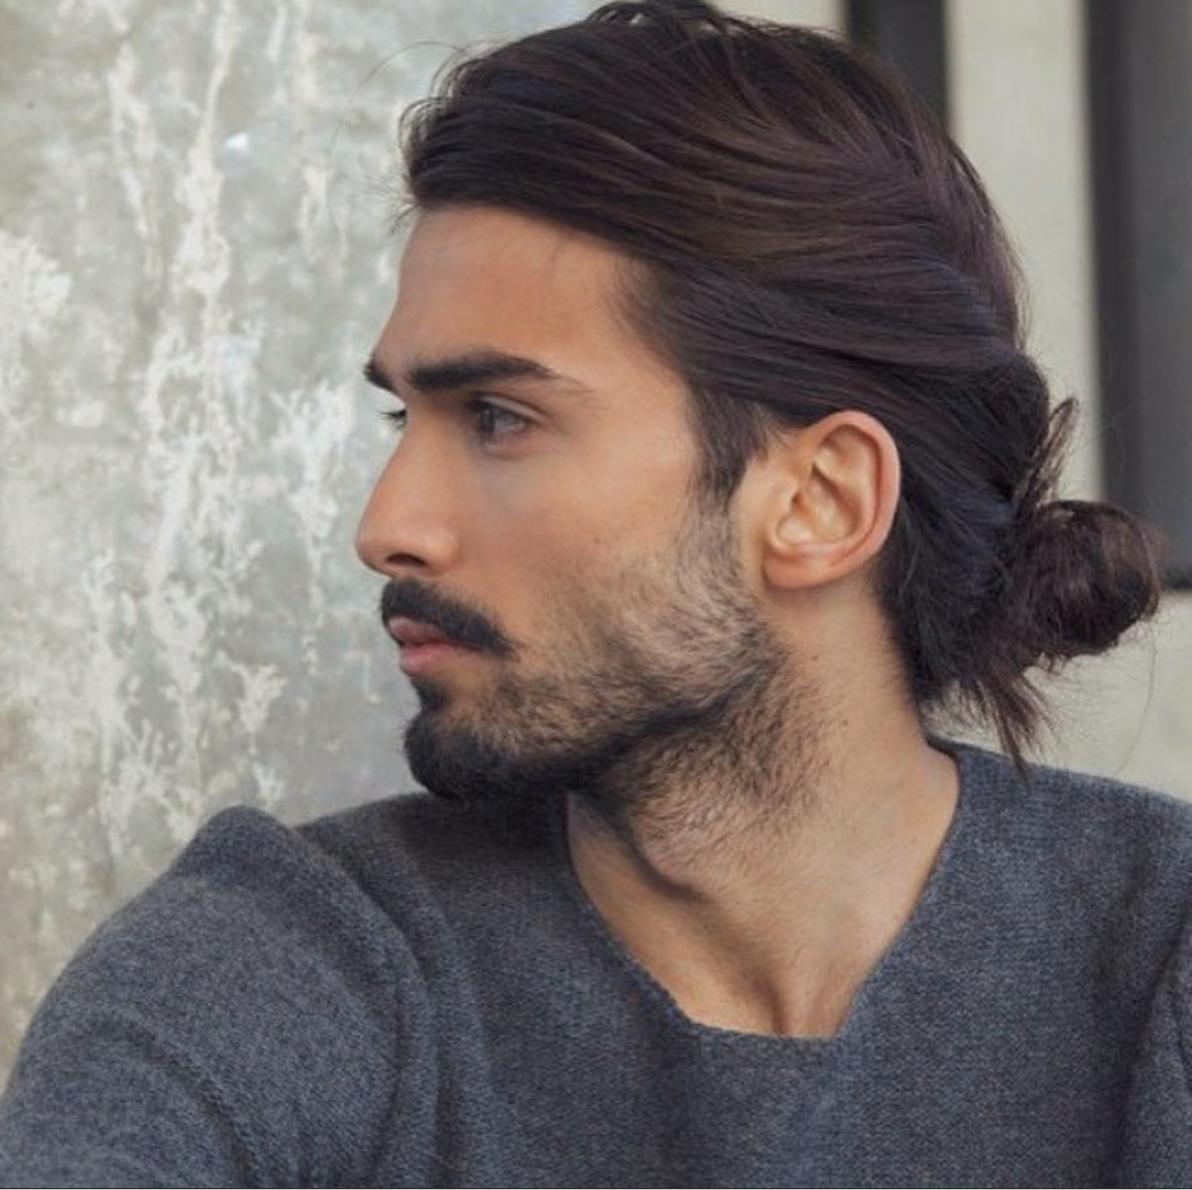 Причёски 2018 мужские фото и название